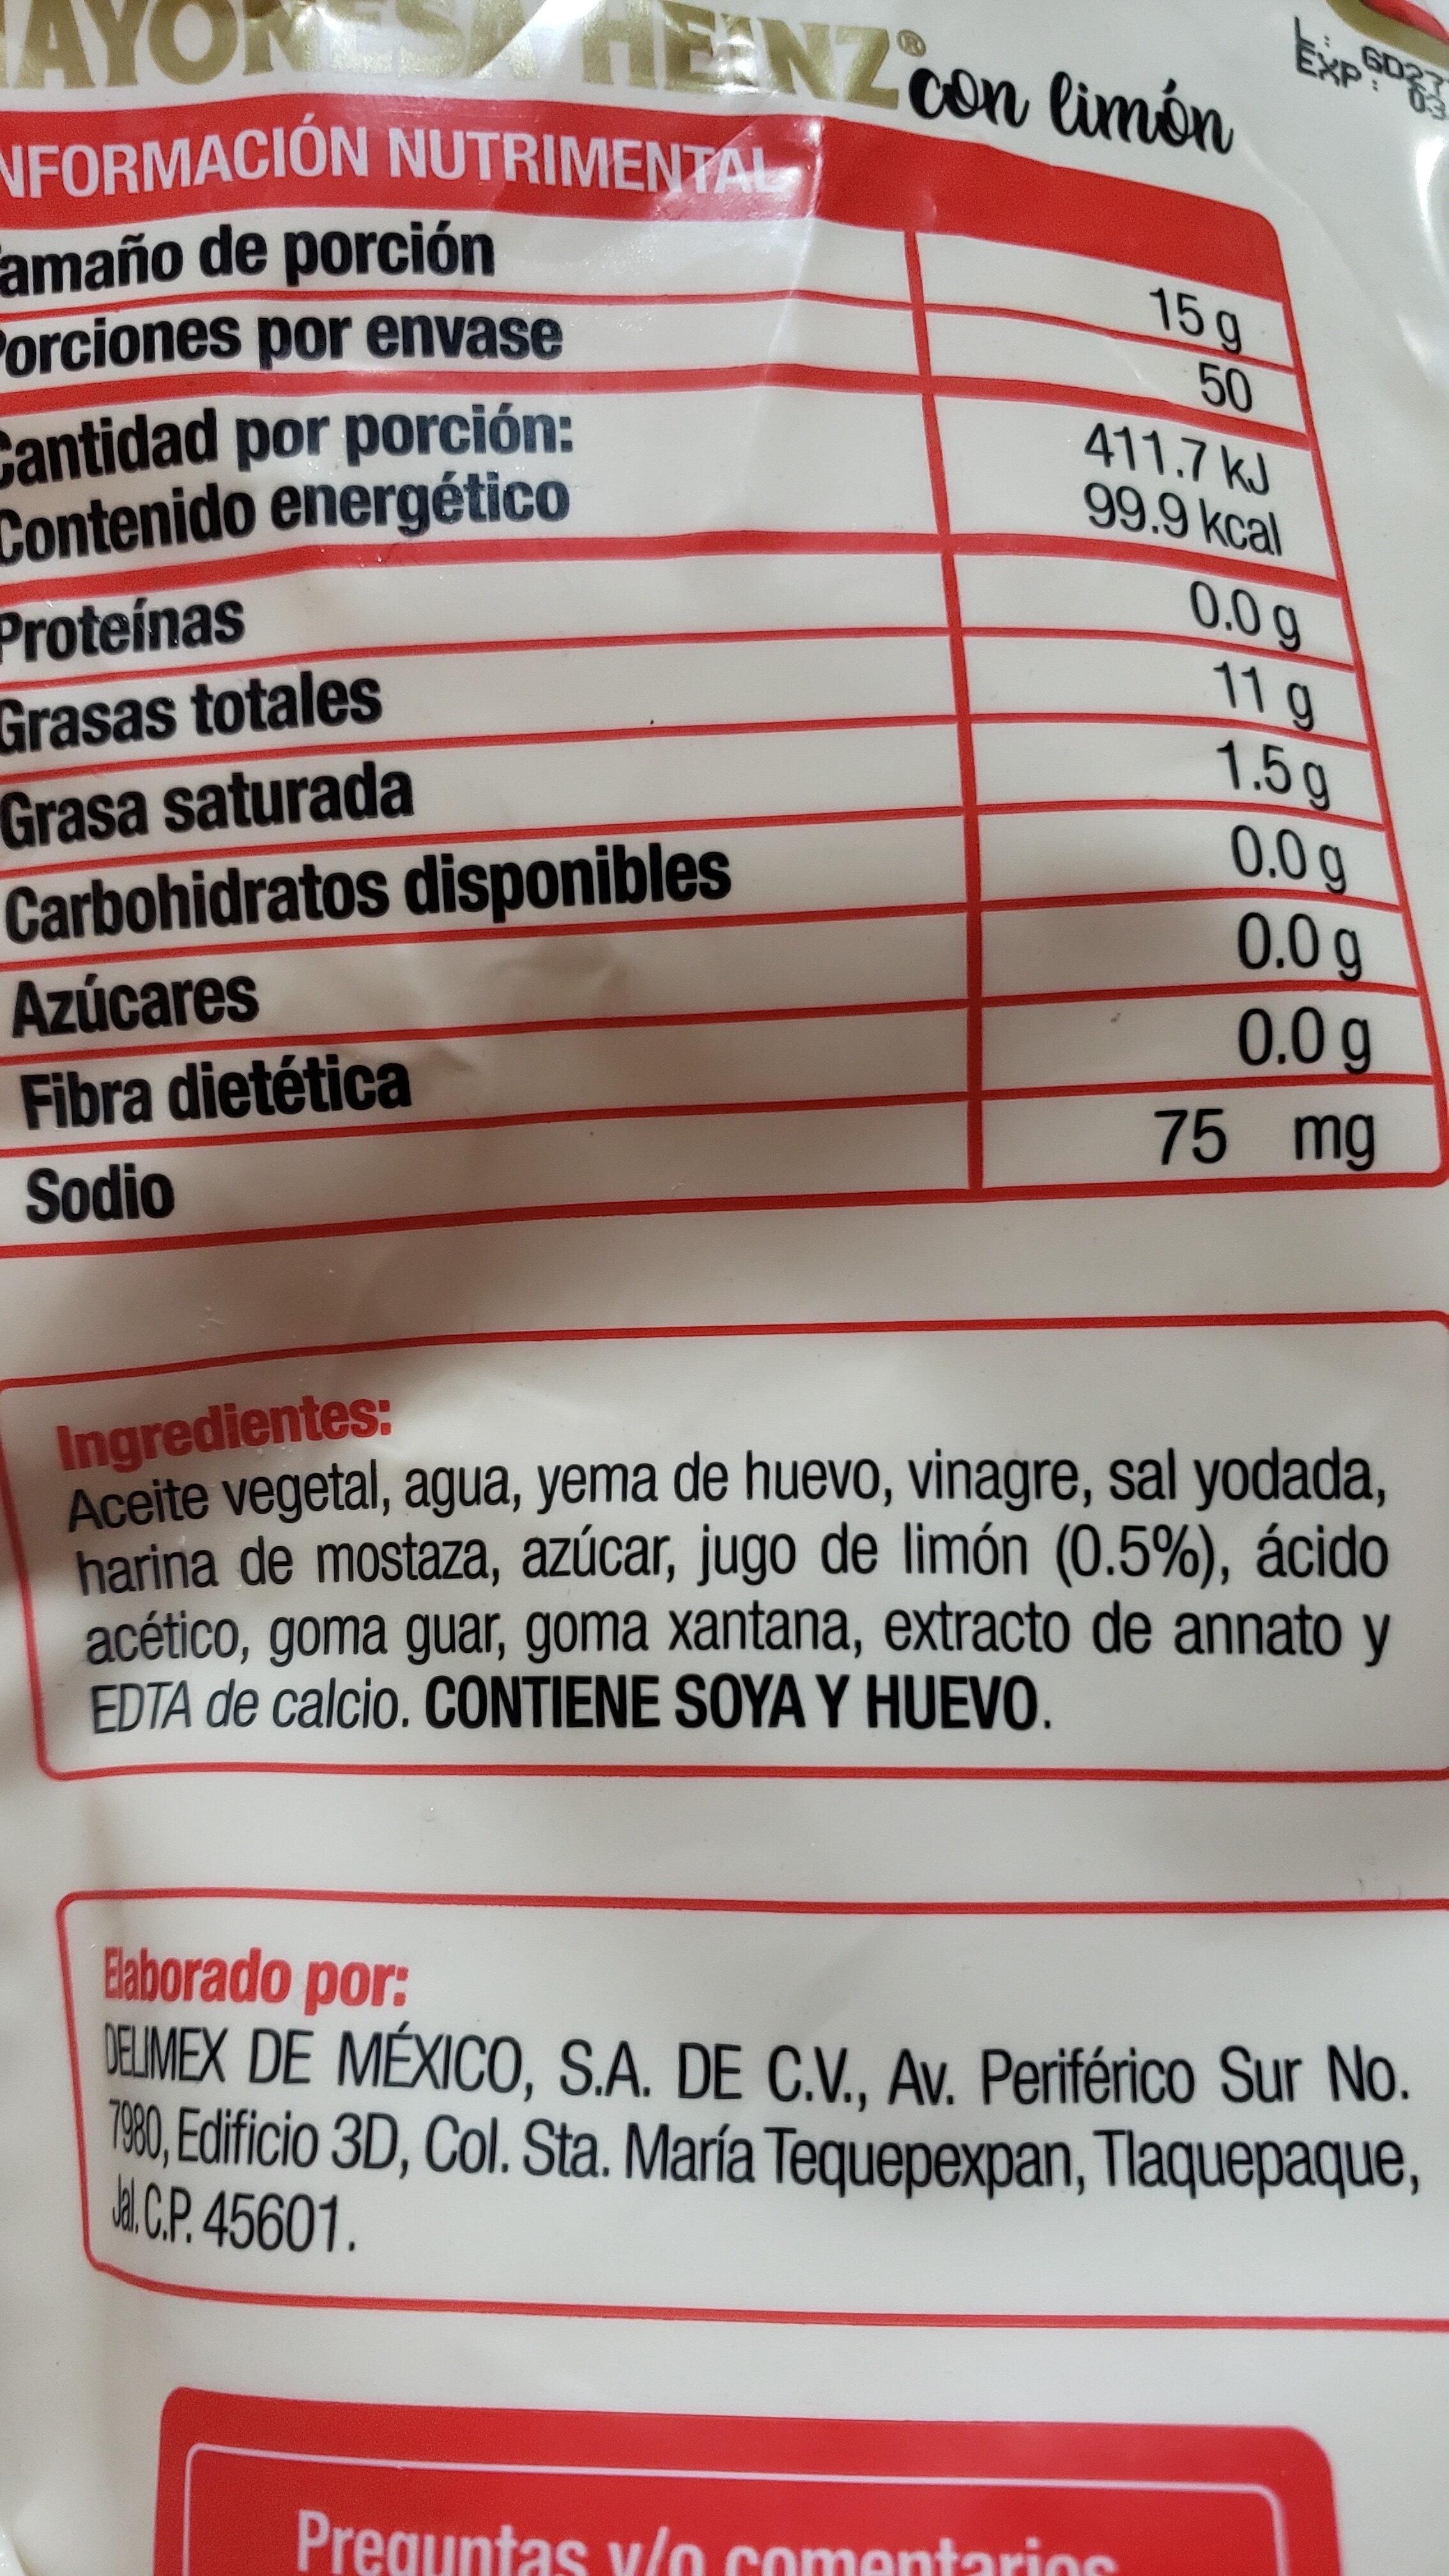 mayonesa con limón Heinz - Ingredientes - es